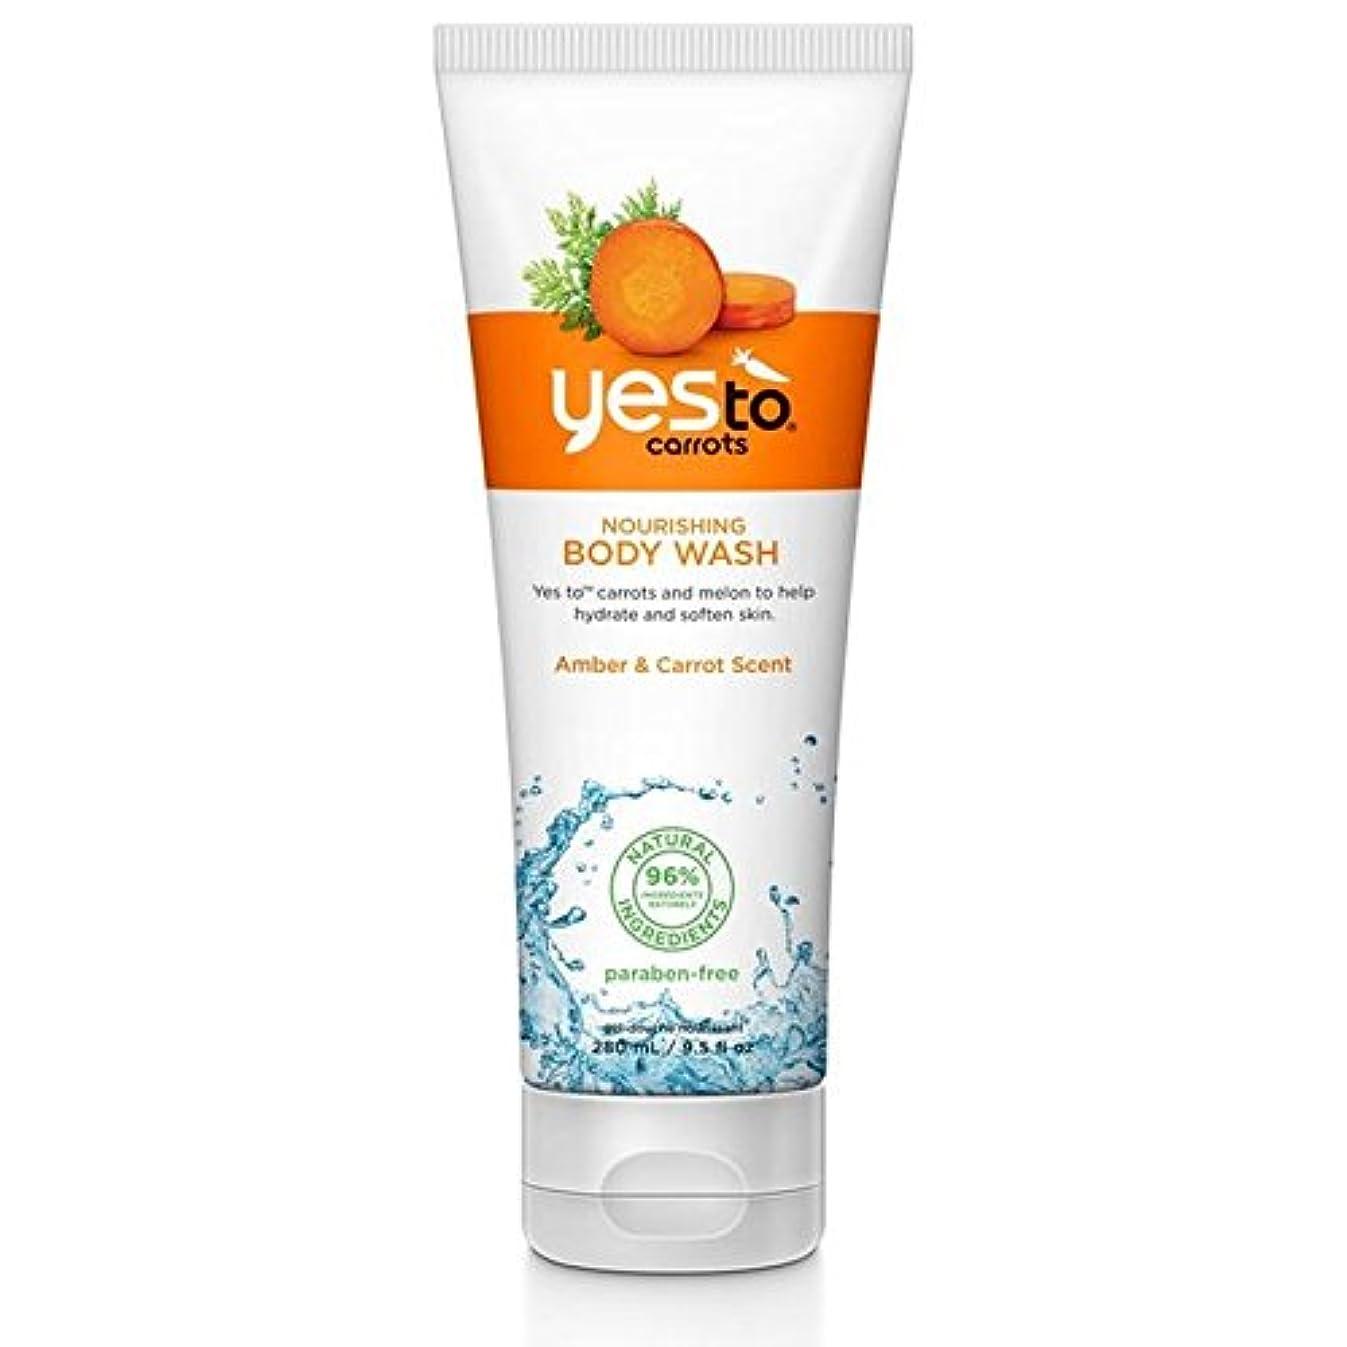 ポーン着る幸運なことにYes To Carrots Nourishing Body Wash 280ml (Pack of 6) - はいボディウォッシュ280ミリリットル栄養ニンジンへ x6 [並行輸入品]